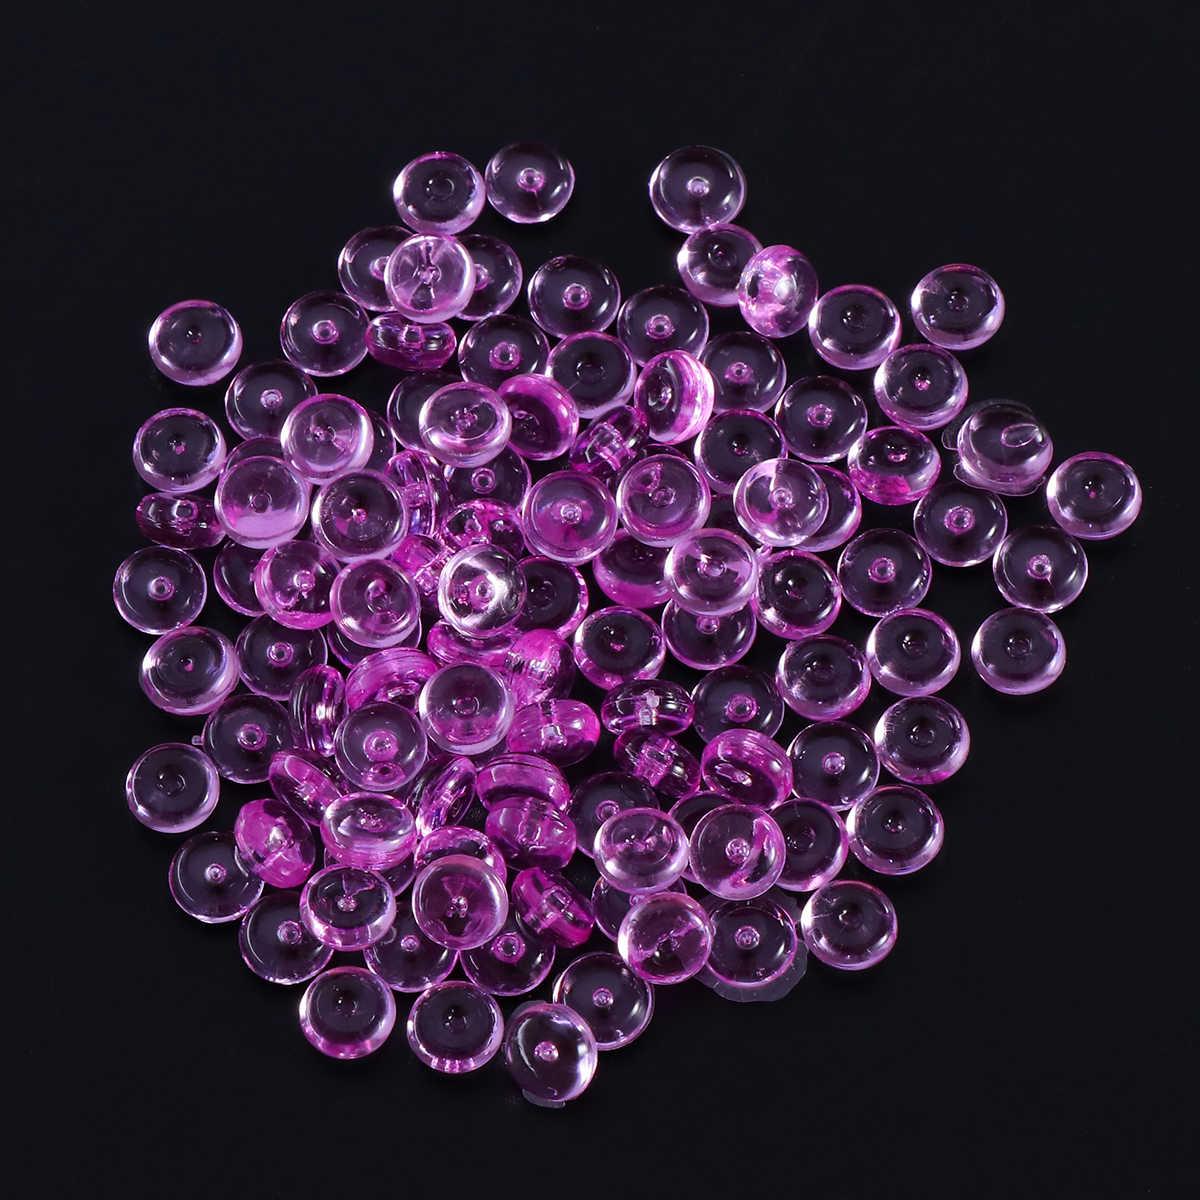 3 пачки 3 вида цветов Пластиковые Ваза наполнителя бисер аквариуме бусины для слизи делая DIY художественных промыслов Свадьба украшения